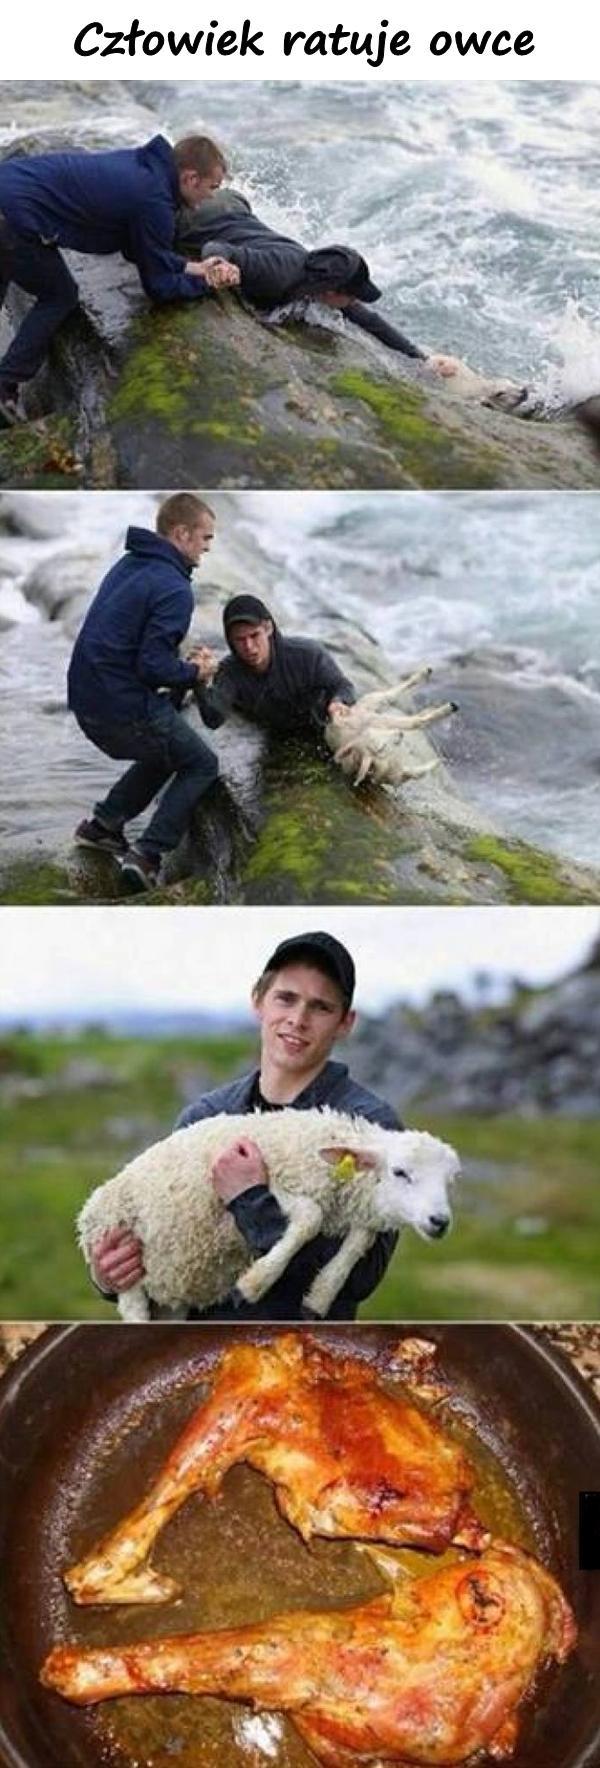 Człowiek ratuje owce